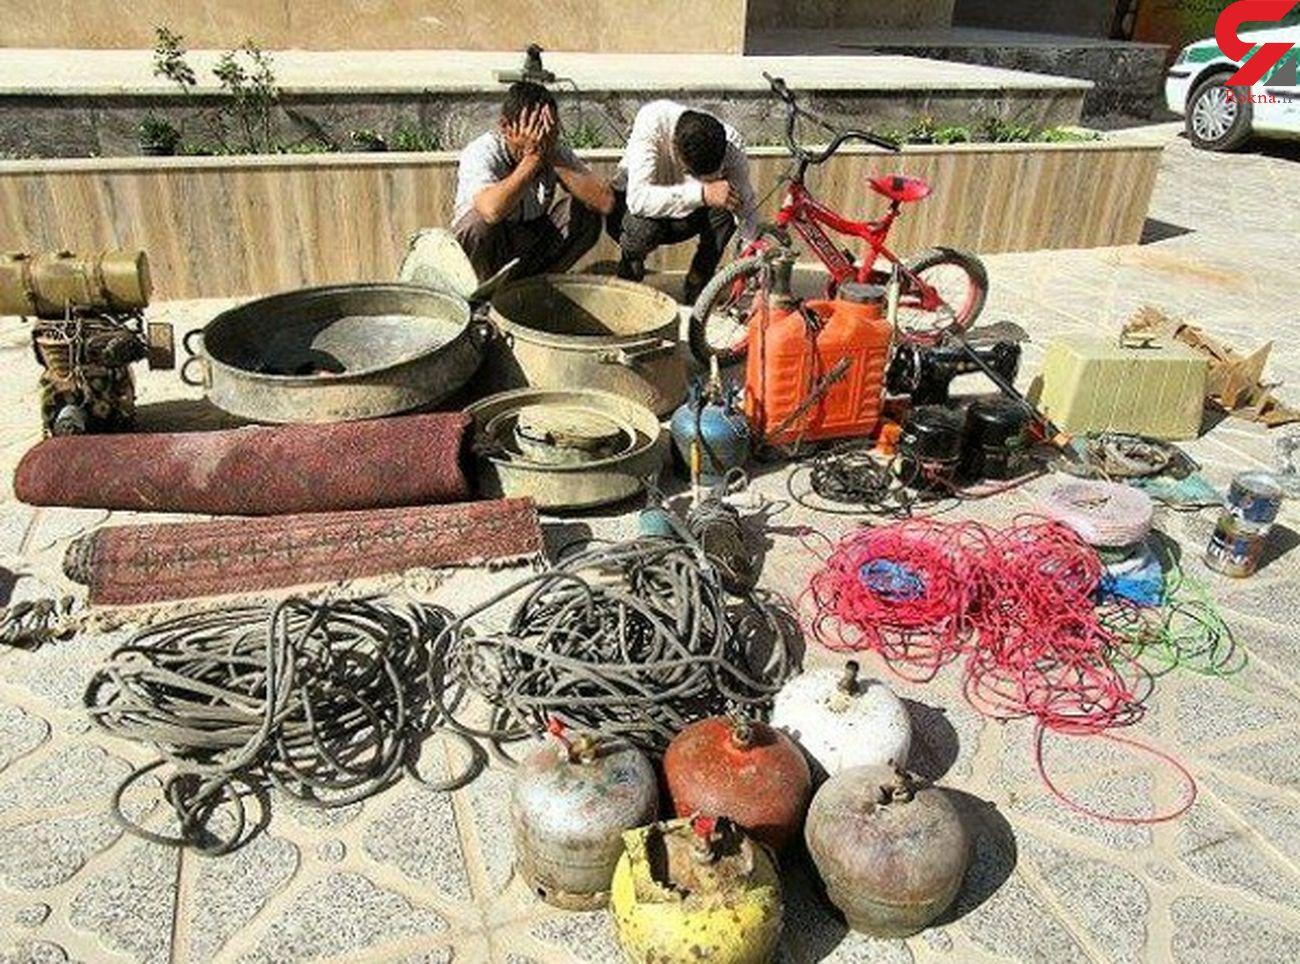 دستگیری سارقان منازل در شهرستان خواف/اعتراف متهمان به ده فقره سرقت